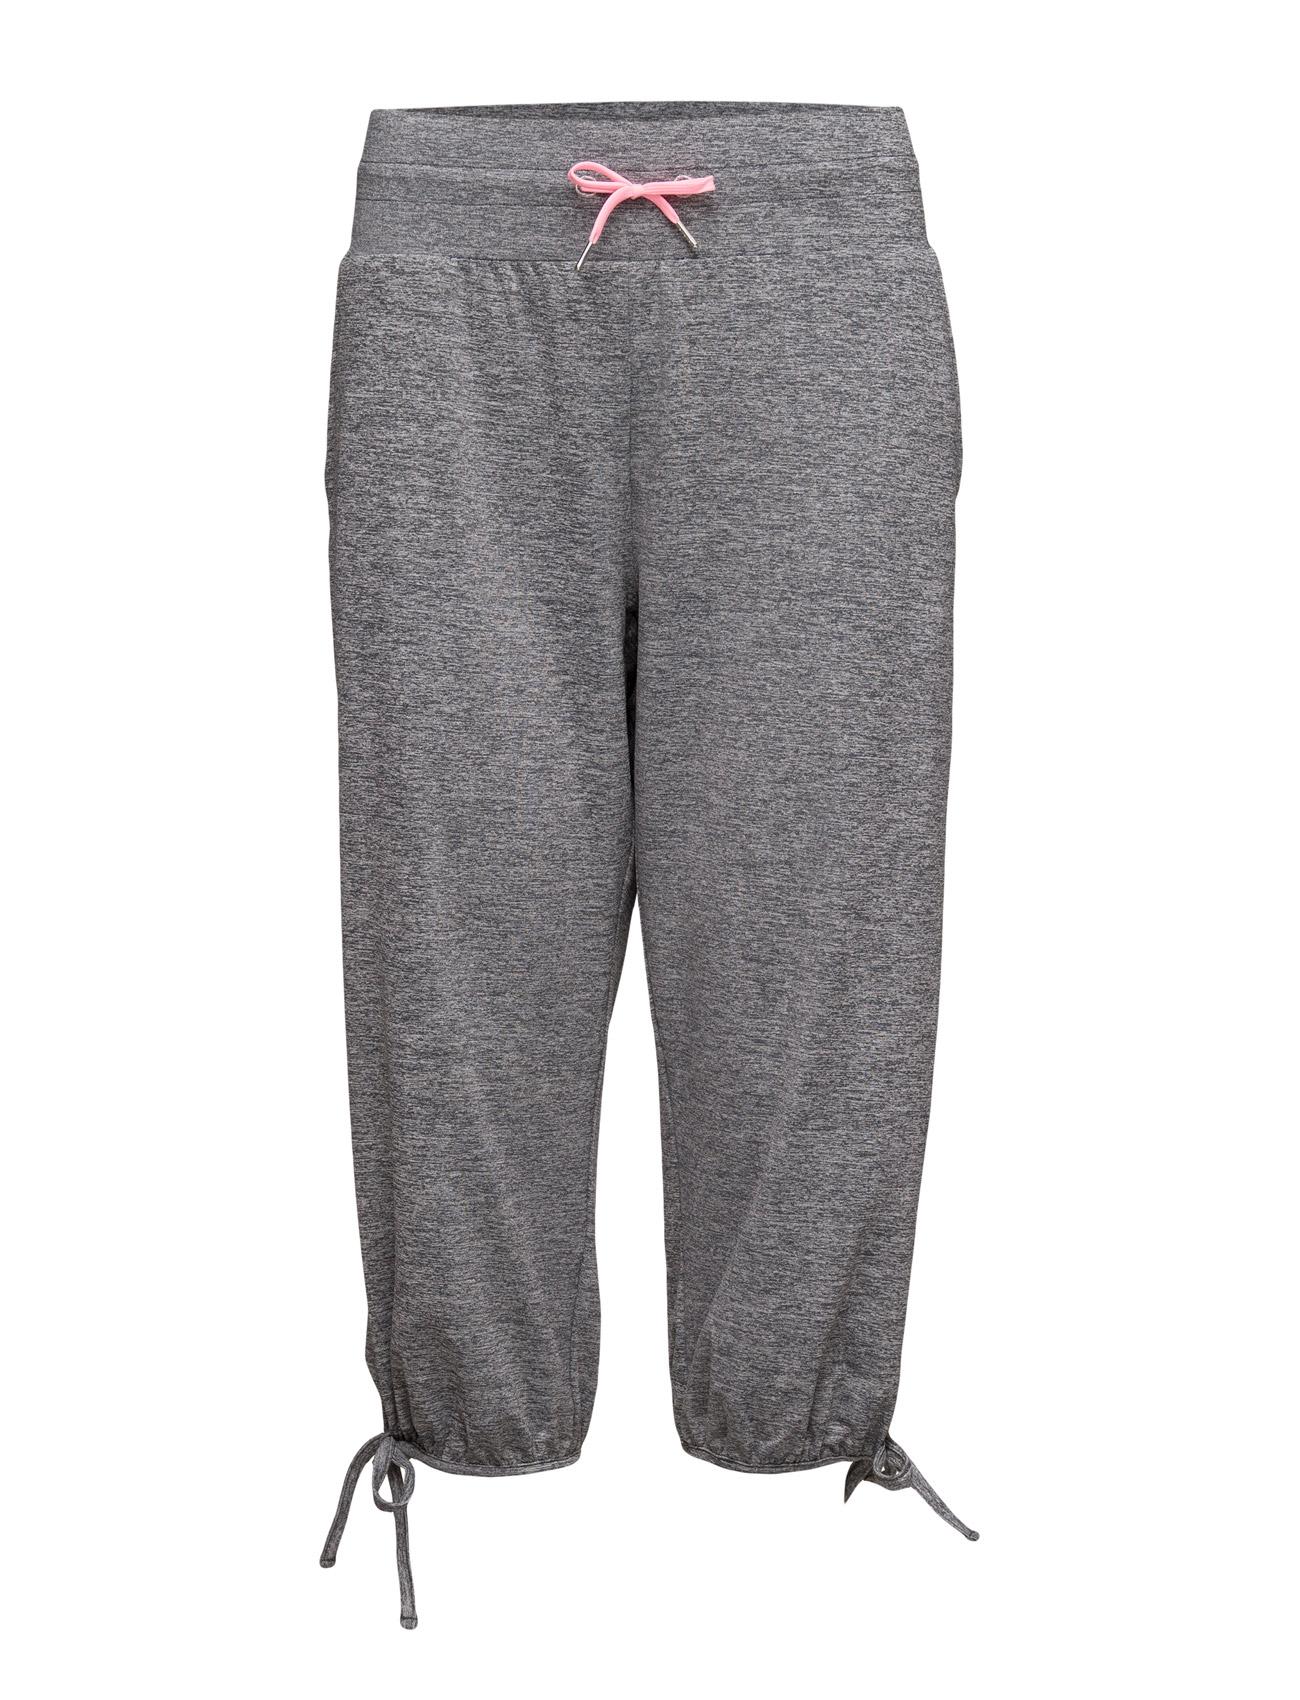 Luna Shorts Pants Röhnisch Sportstøj til Kvinder i Grey Melange